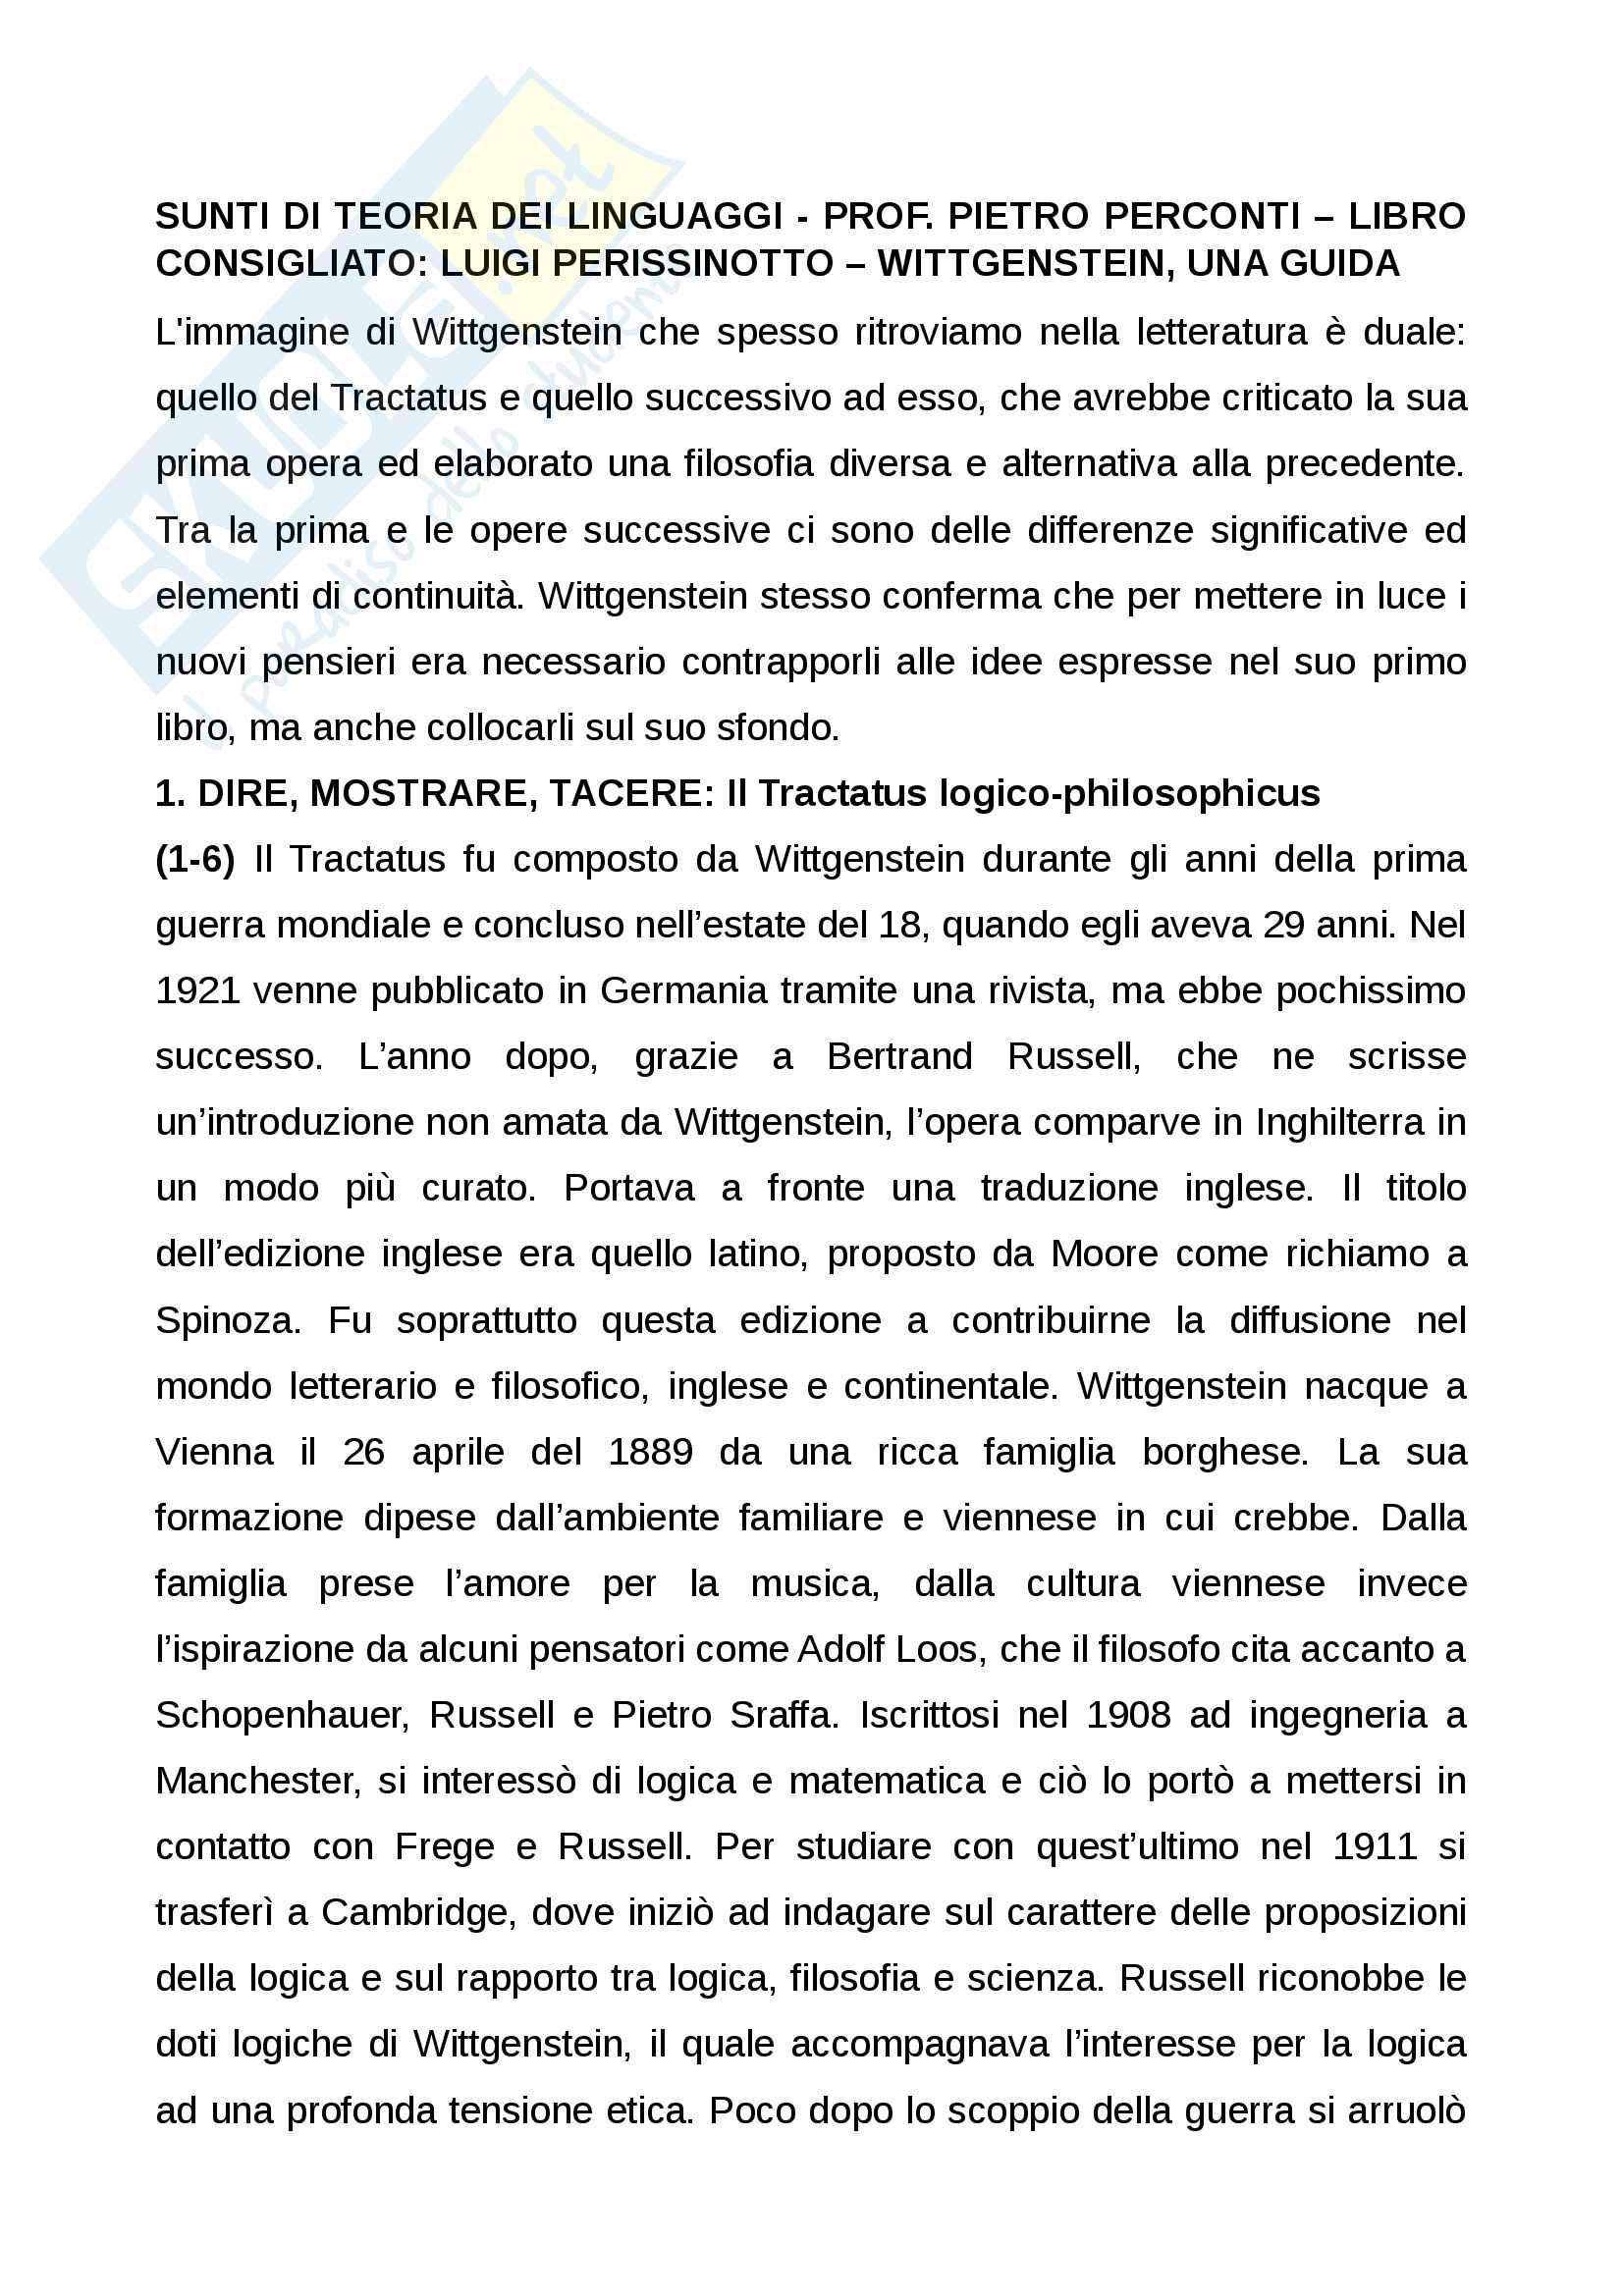 Sunti di teoria dei linguaggi, prof Pietro Perconti libro consigliato Luigi Perissinotto, Wittgenstein una guida